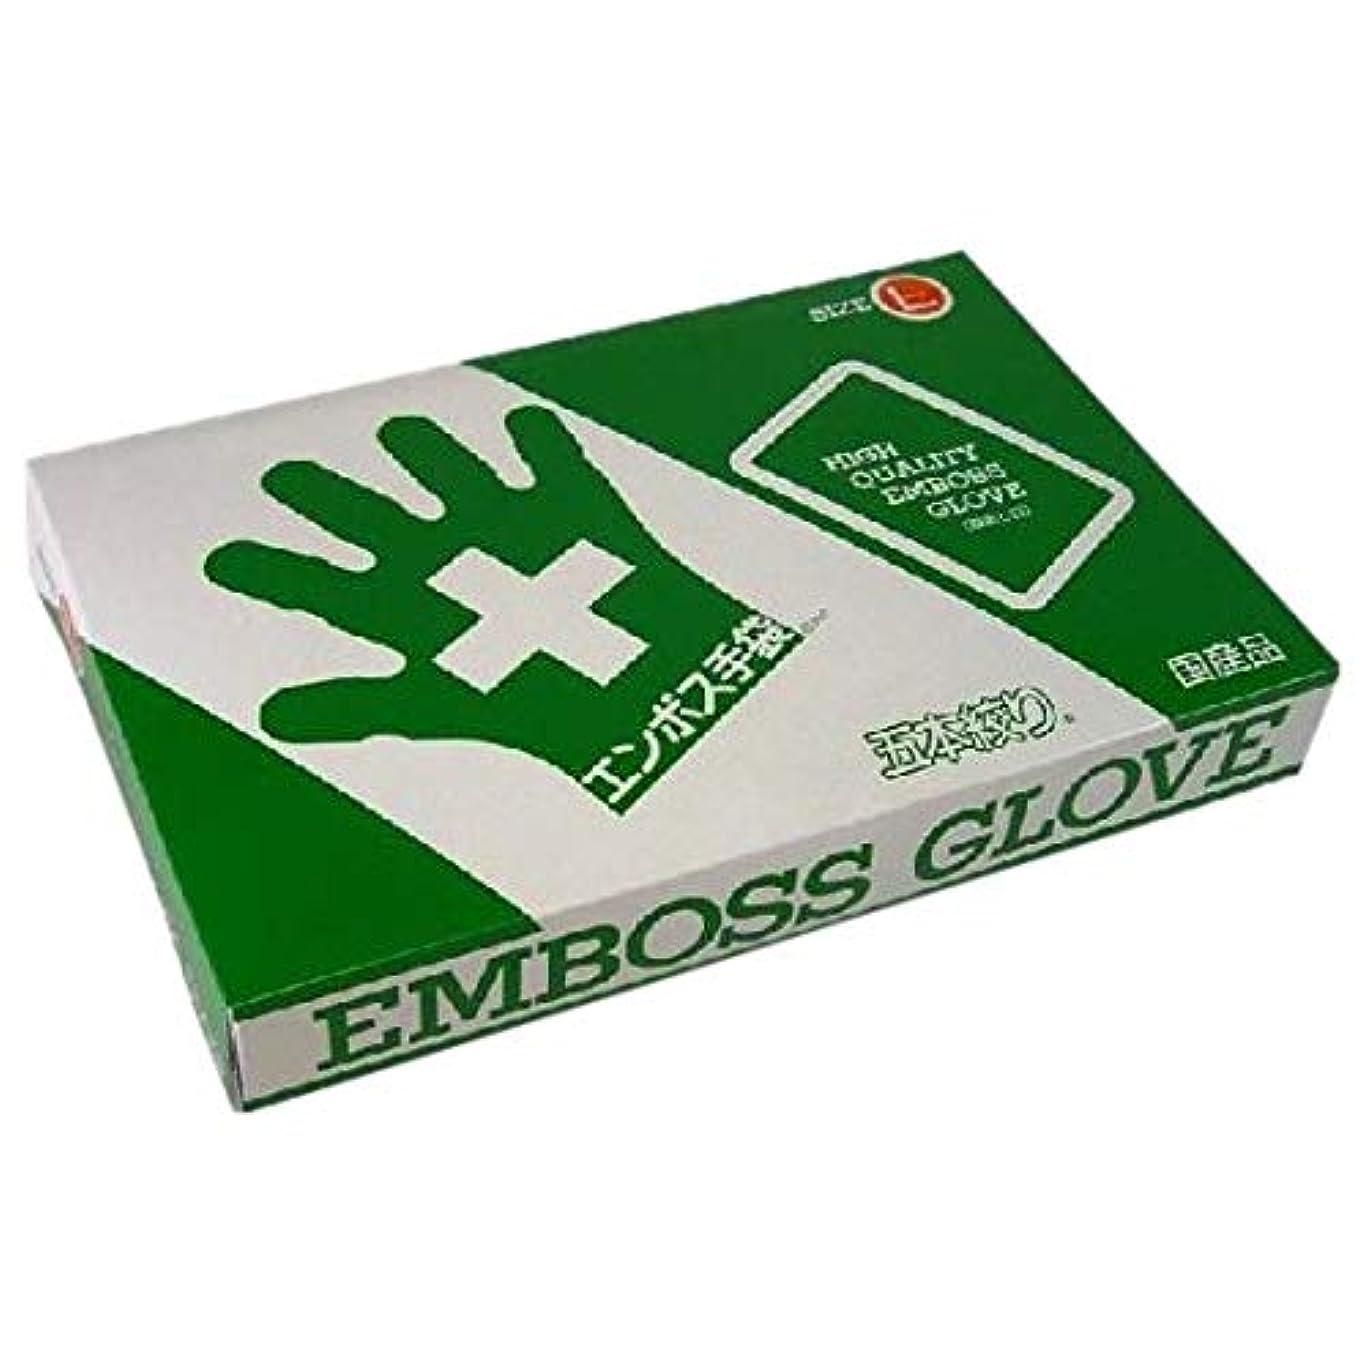 テザー一貫したバレエエンボス手袋 5本絞り(使い捨て手袋国産品) 東京パック L 200枚入x20箱入り